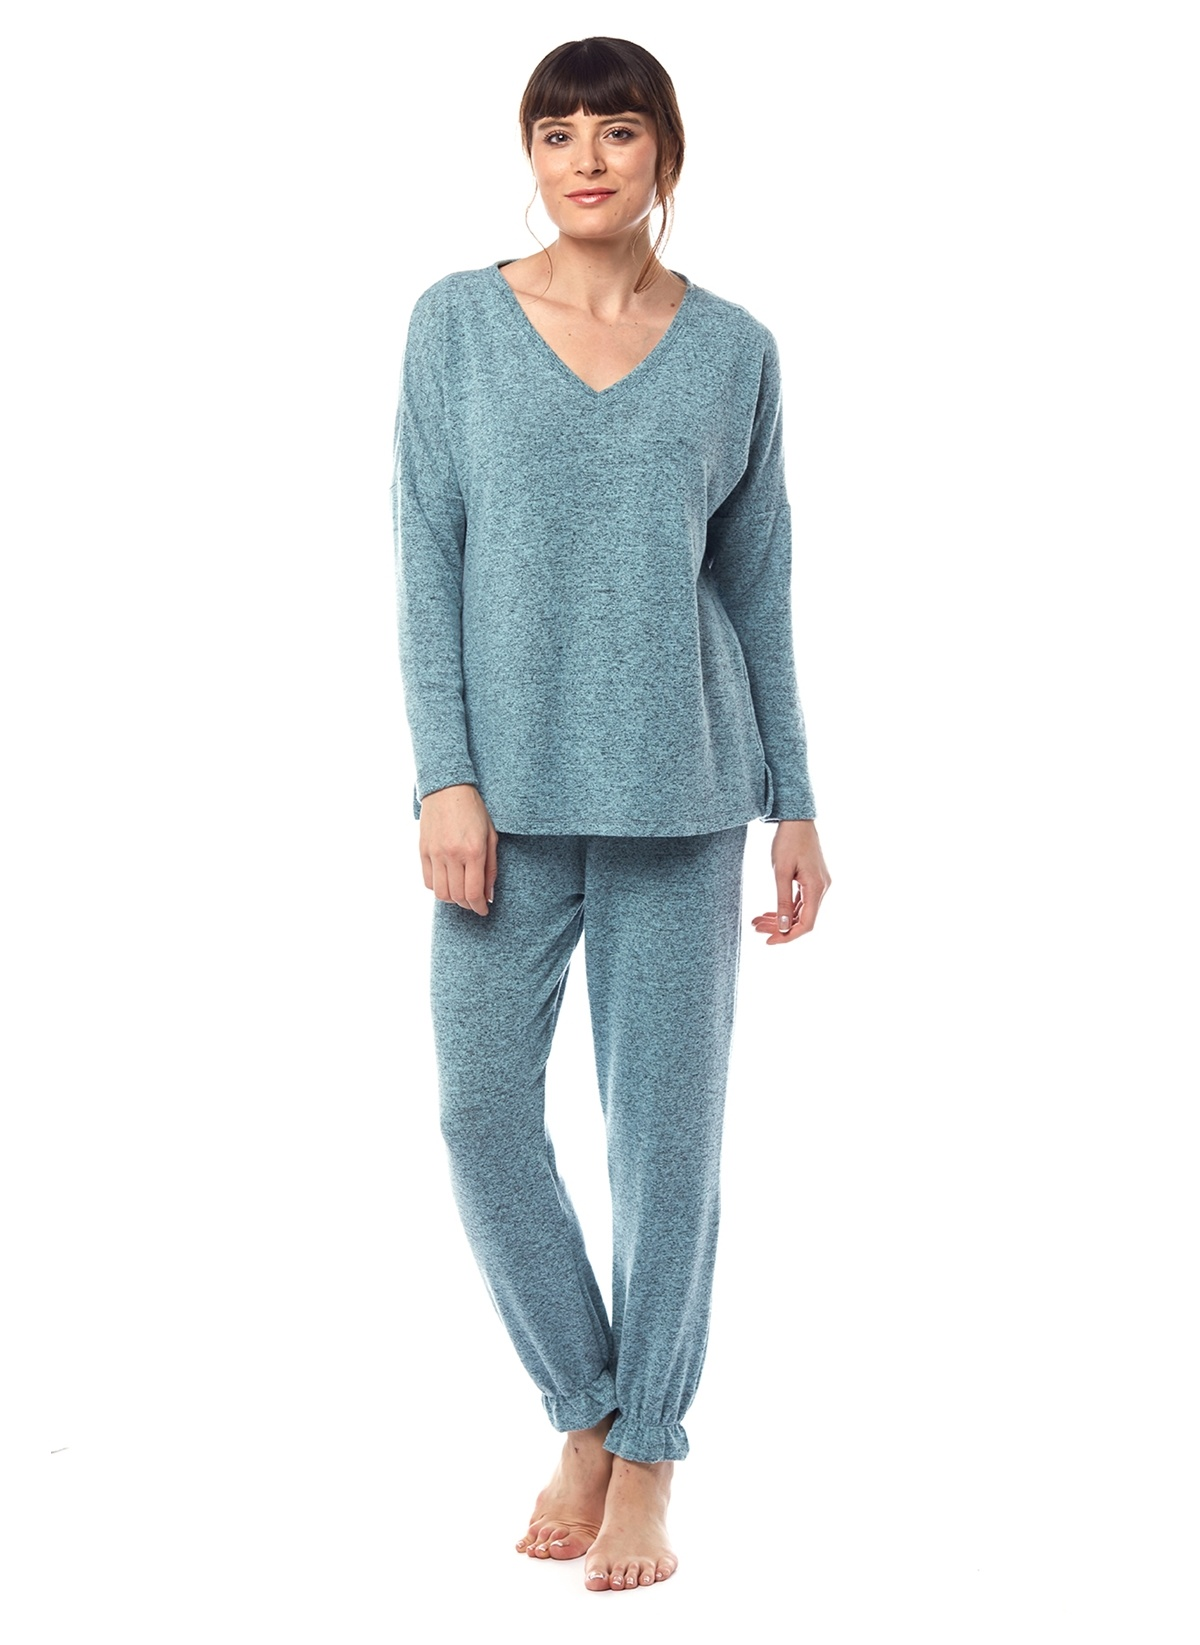 Kadın Pamuk & Yeşil Melanj Spor Pijama Takımı